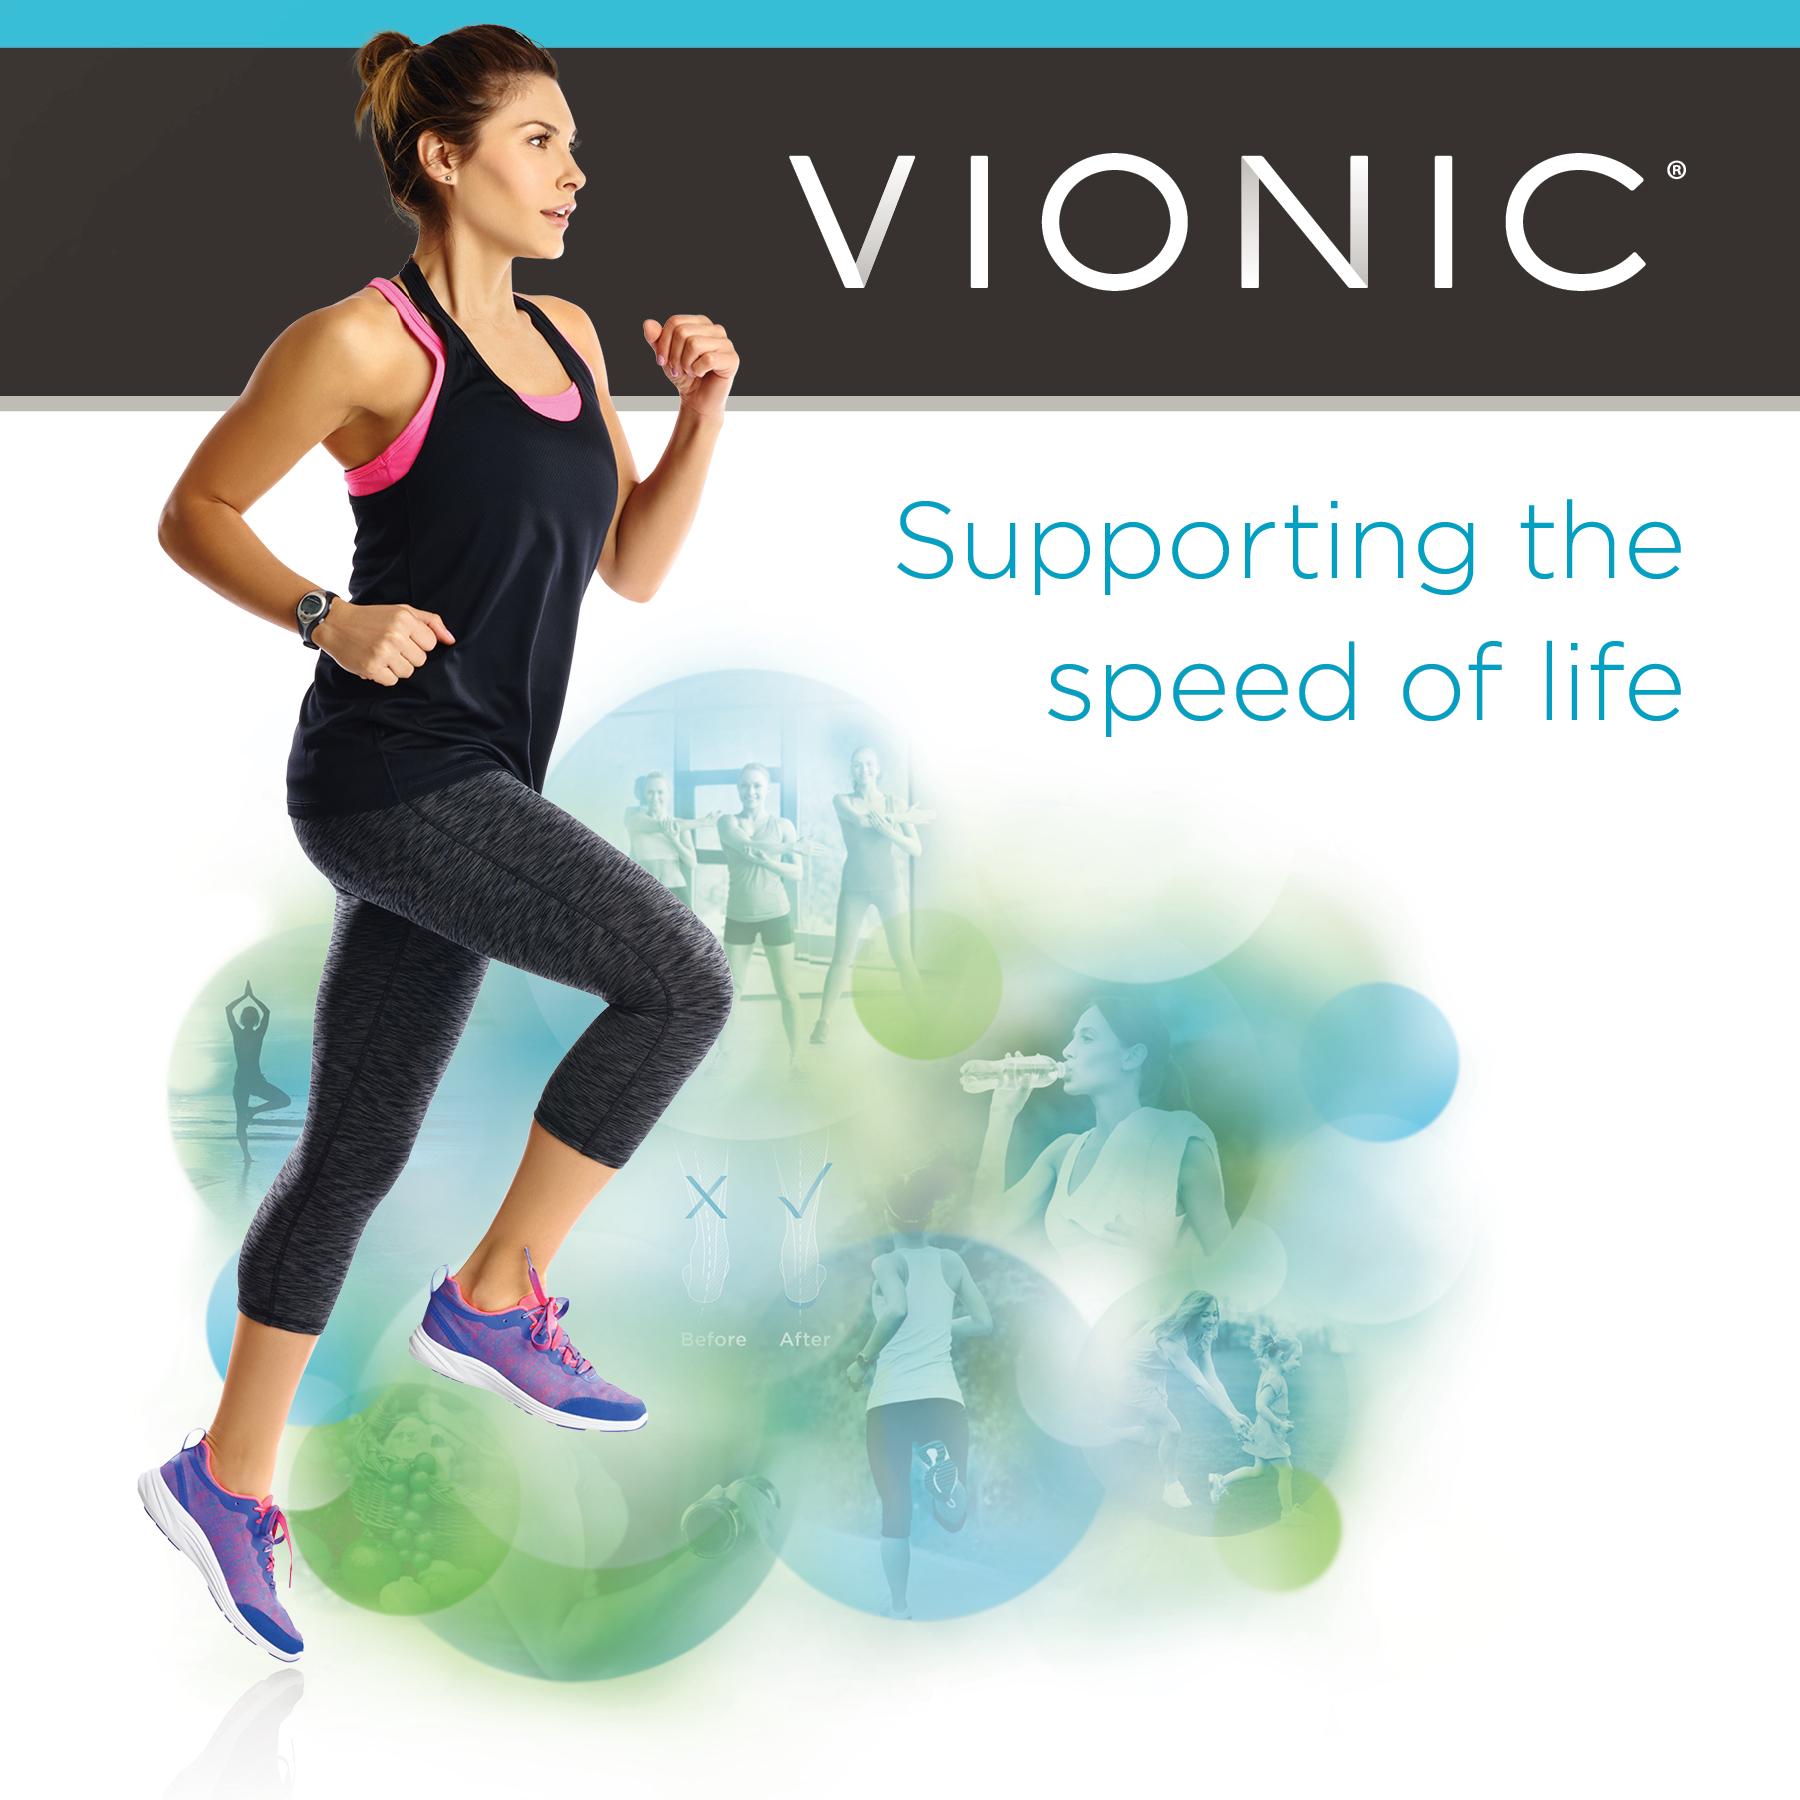 Vionic_Tradeshow Graphic.jpg